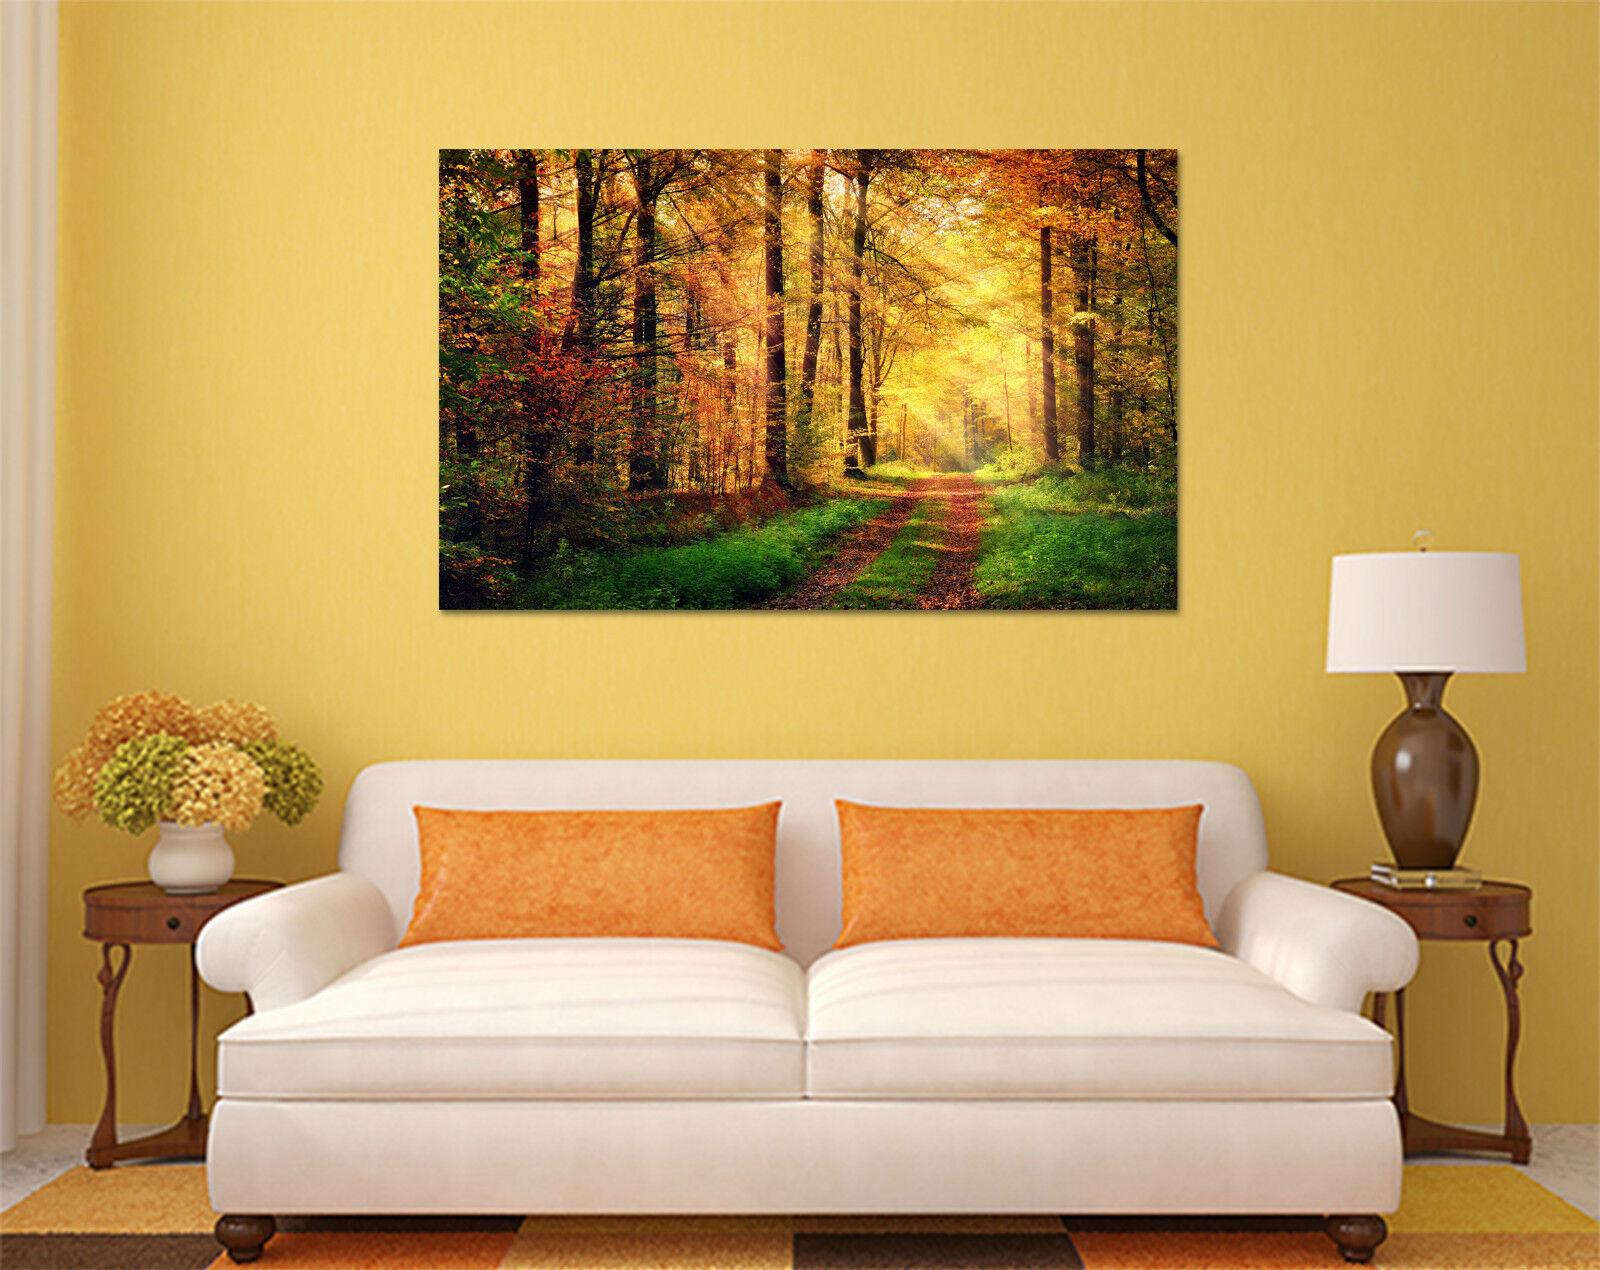 3D Der Wald der Sonne 574 Fototapeten Wandbild BildTapete AJSTORE DE Lemon